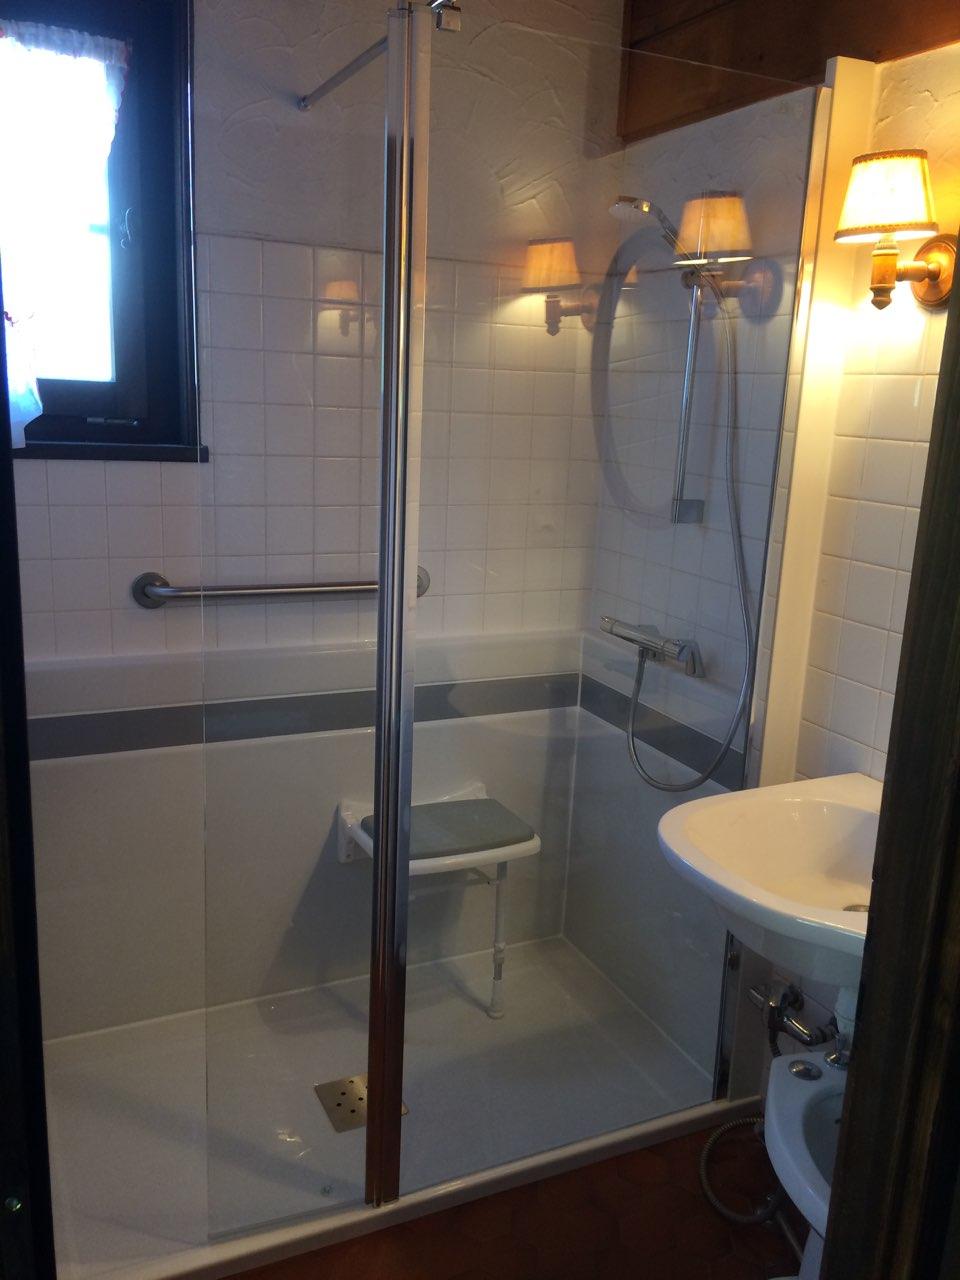 transformation d 39 un baignoire en douche en mai 2018. Black Bedroom Furniture Sets. Home Design Ideas